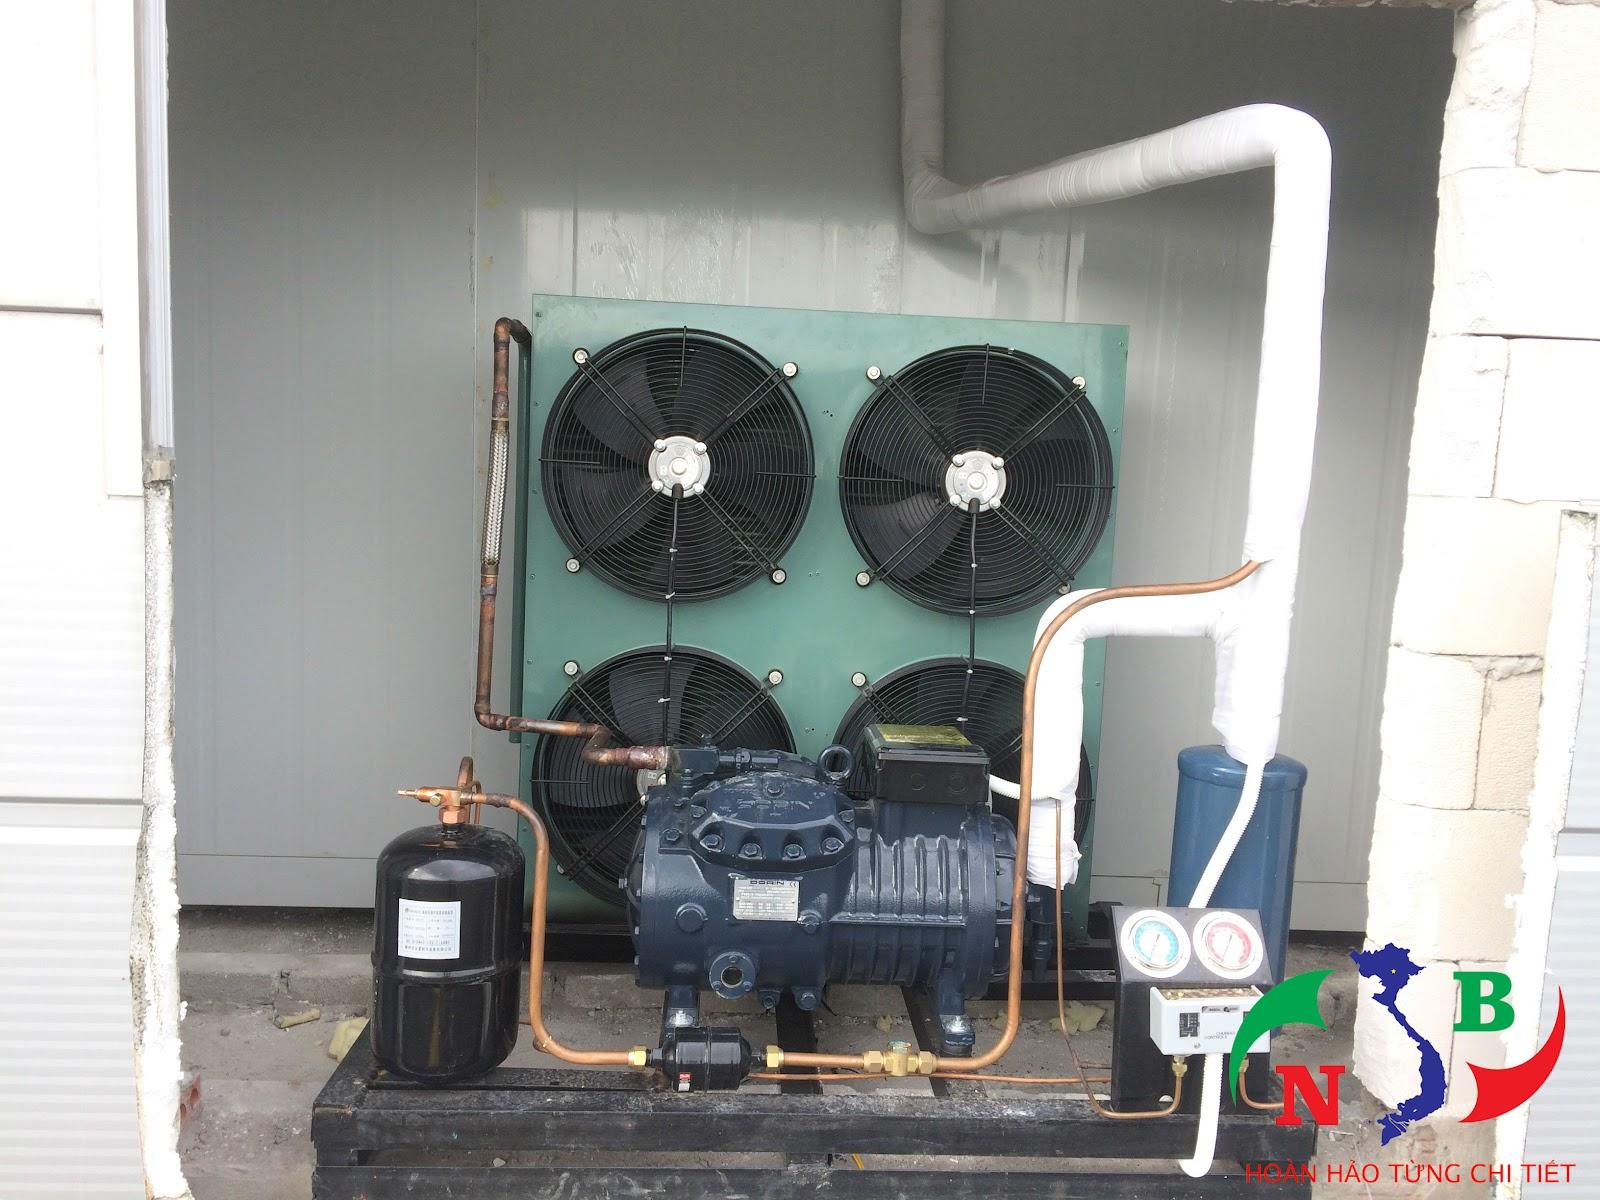 Lắp đặt hệ thống 2 kho lạnh tại nhà bếp của công ty Lends – Đài Loan, KCN Quang Châu, Bắc Giang